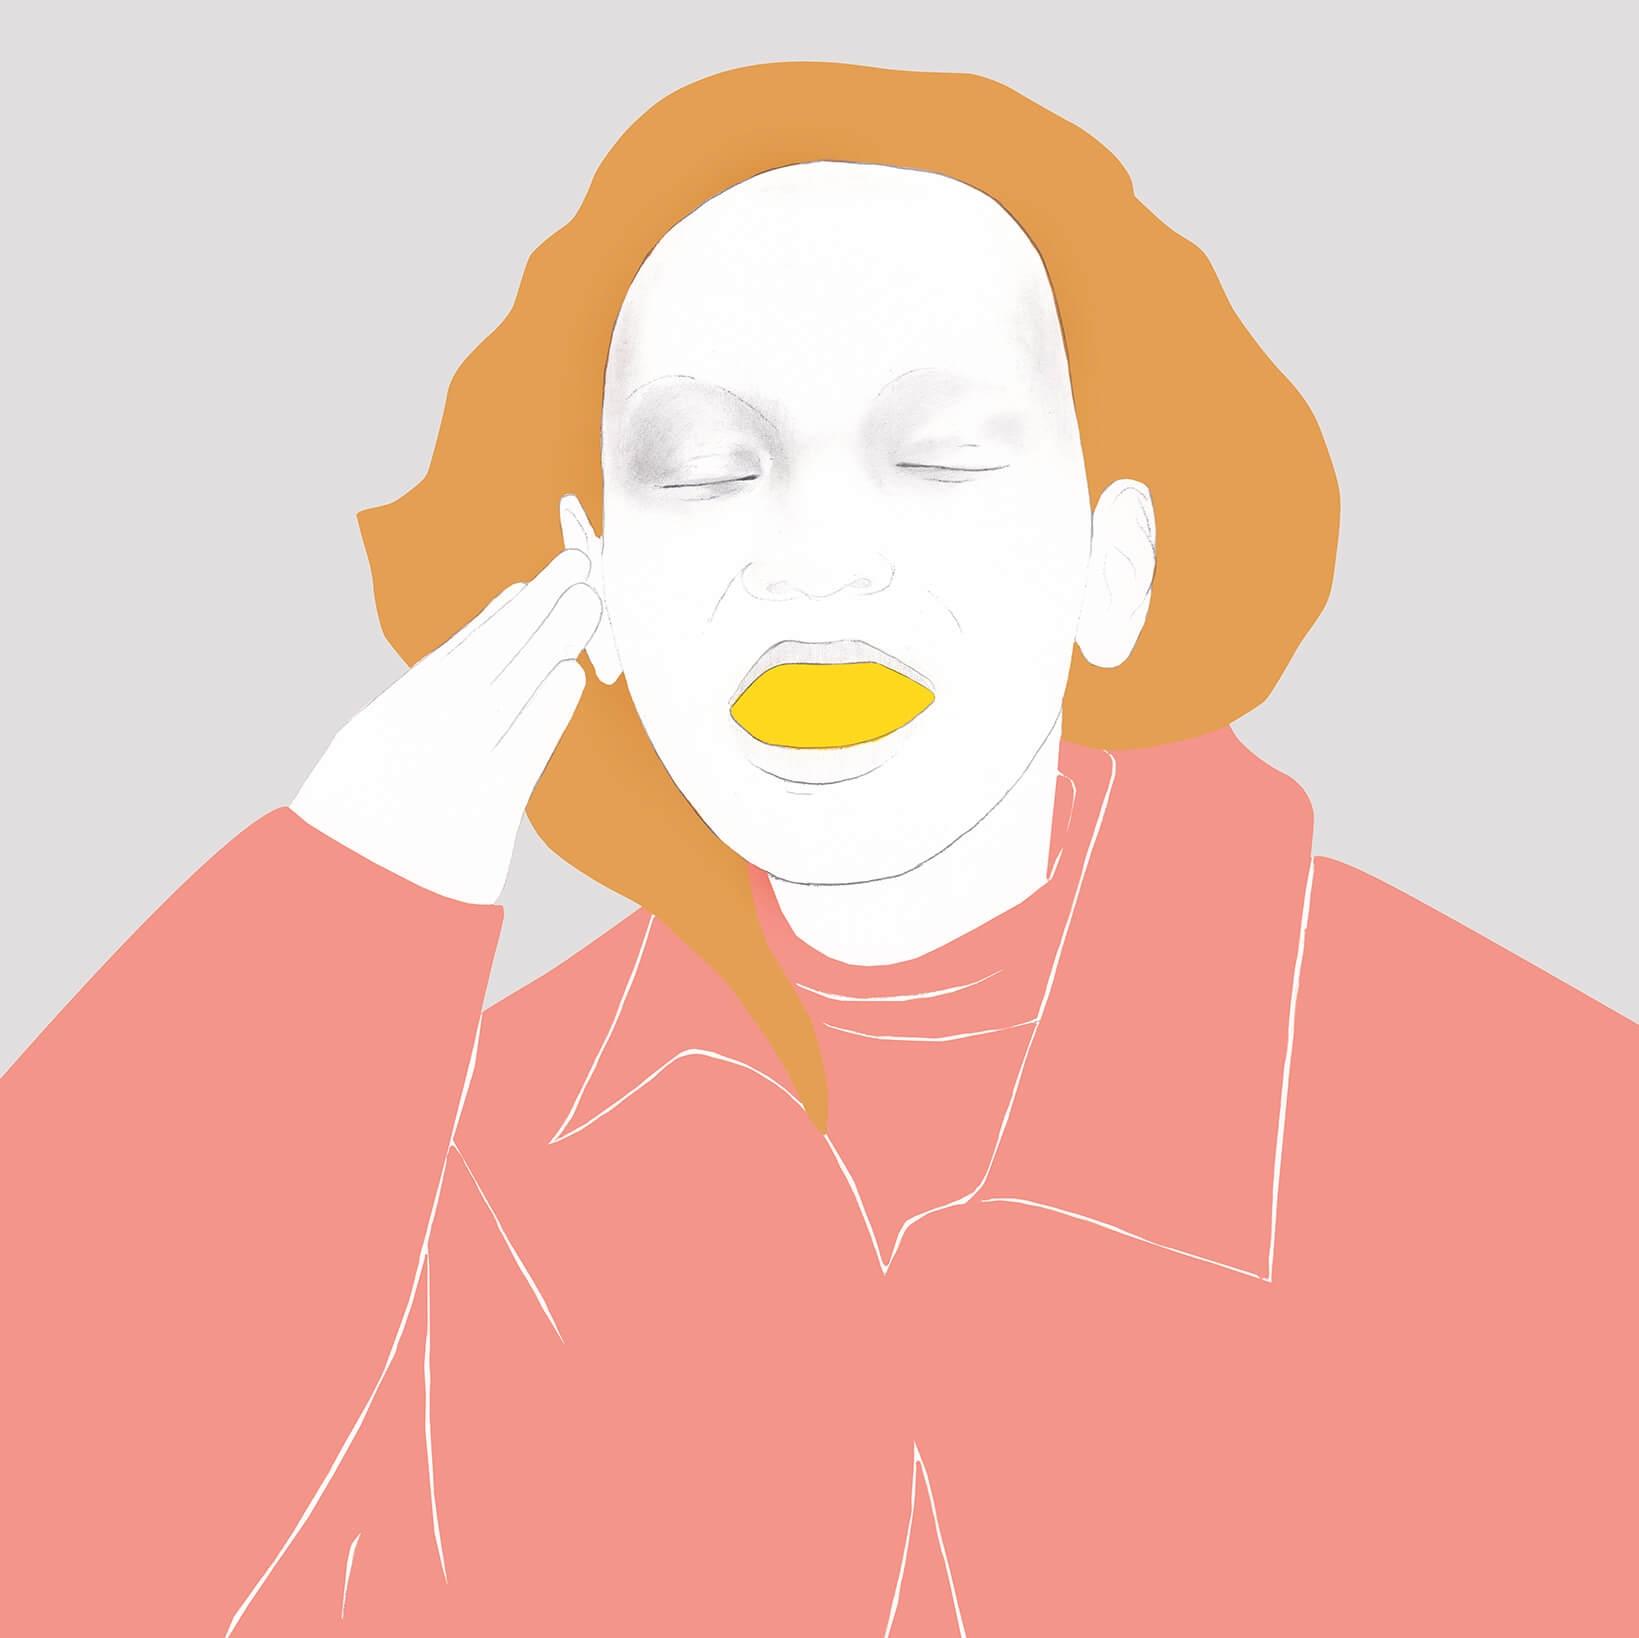 Inhale - sort, designstudio, illustration - janbrauer | ello